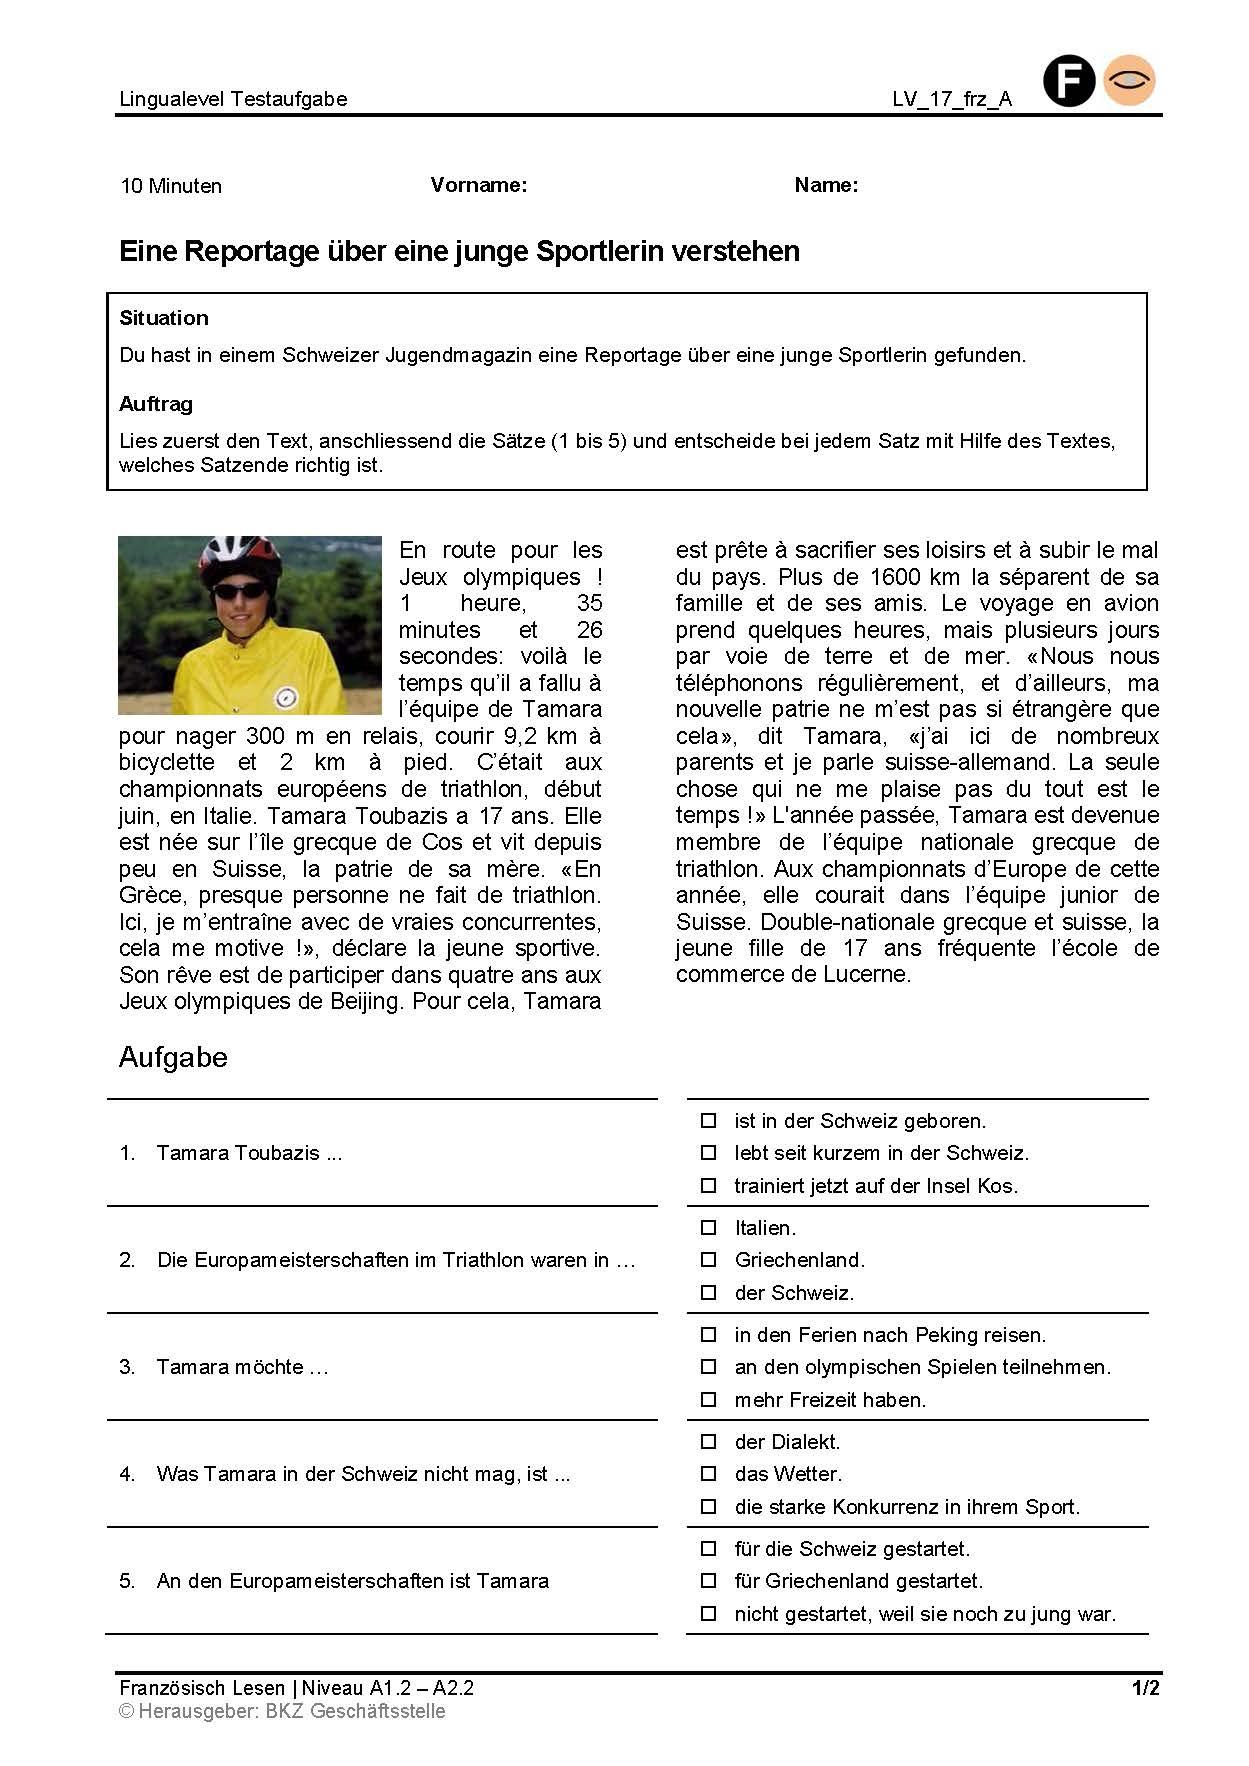 Preview image for LOM object Eine Reportage über eine junge Sportlerin verstehen